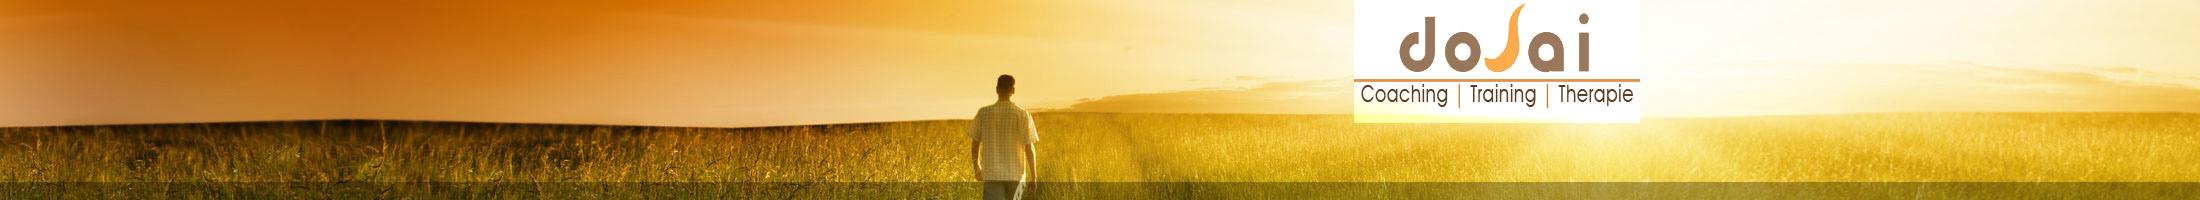 Praxis Dosai Therapie & Coaching